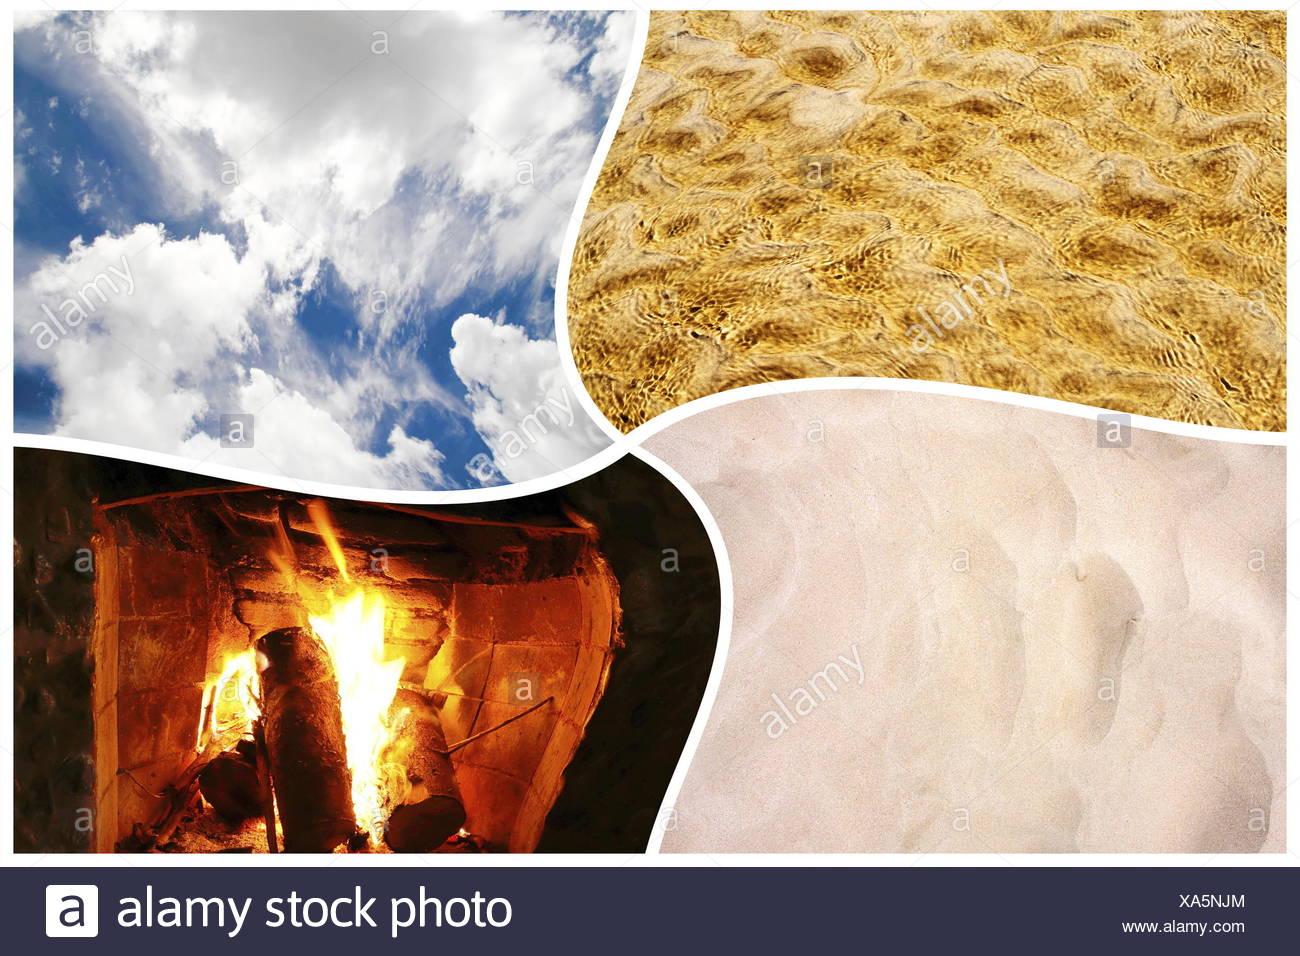 Die Vier Elemente Wasser Feuer Erde Und Luft In Einer Collage